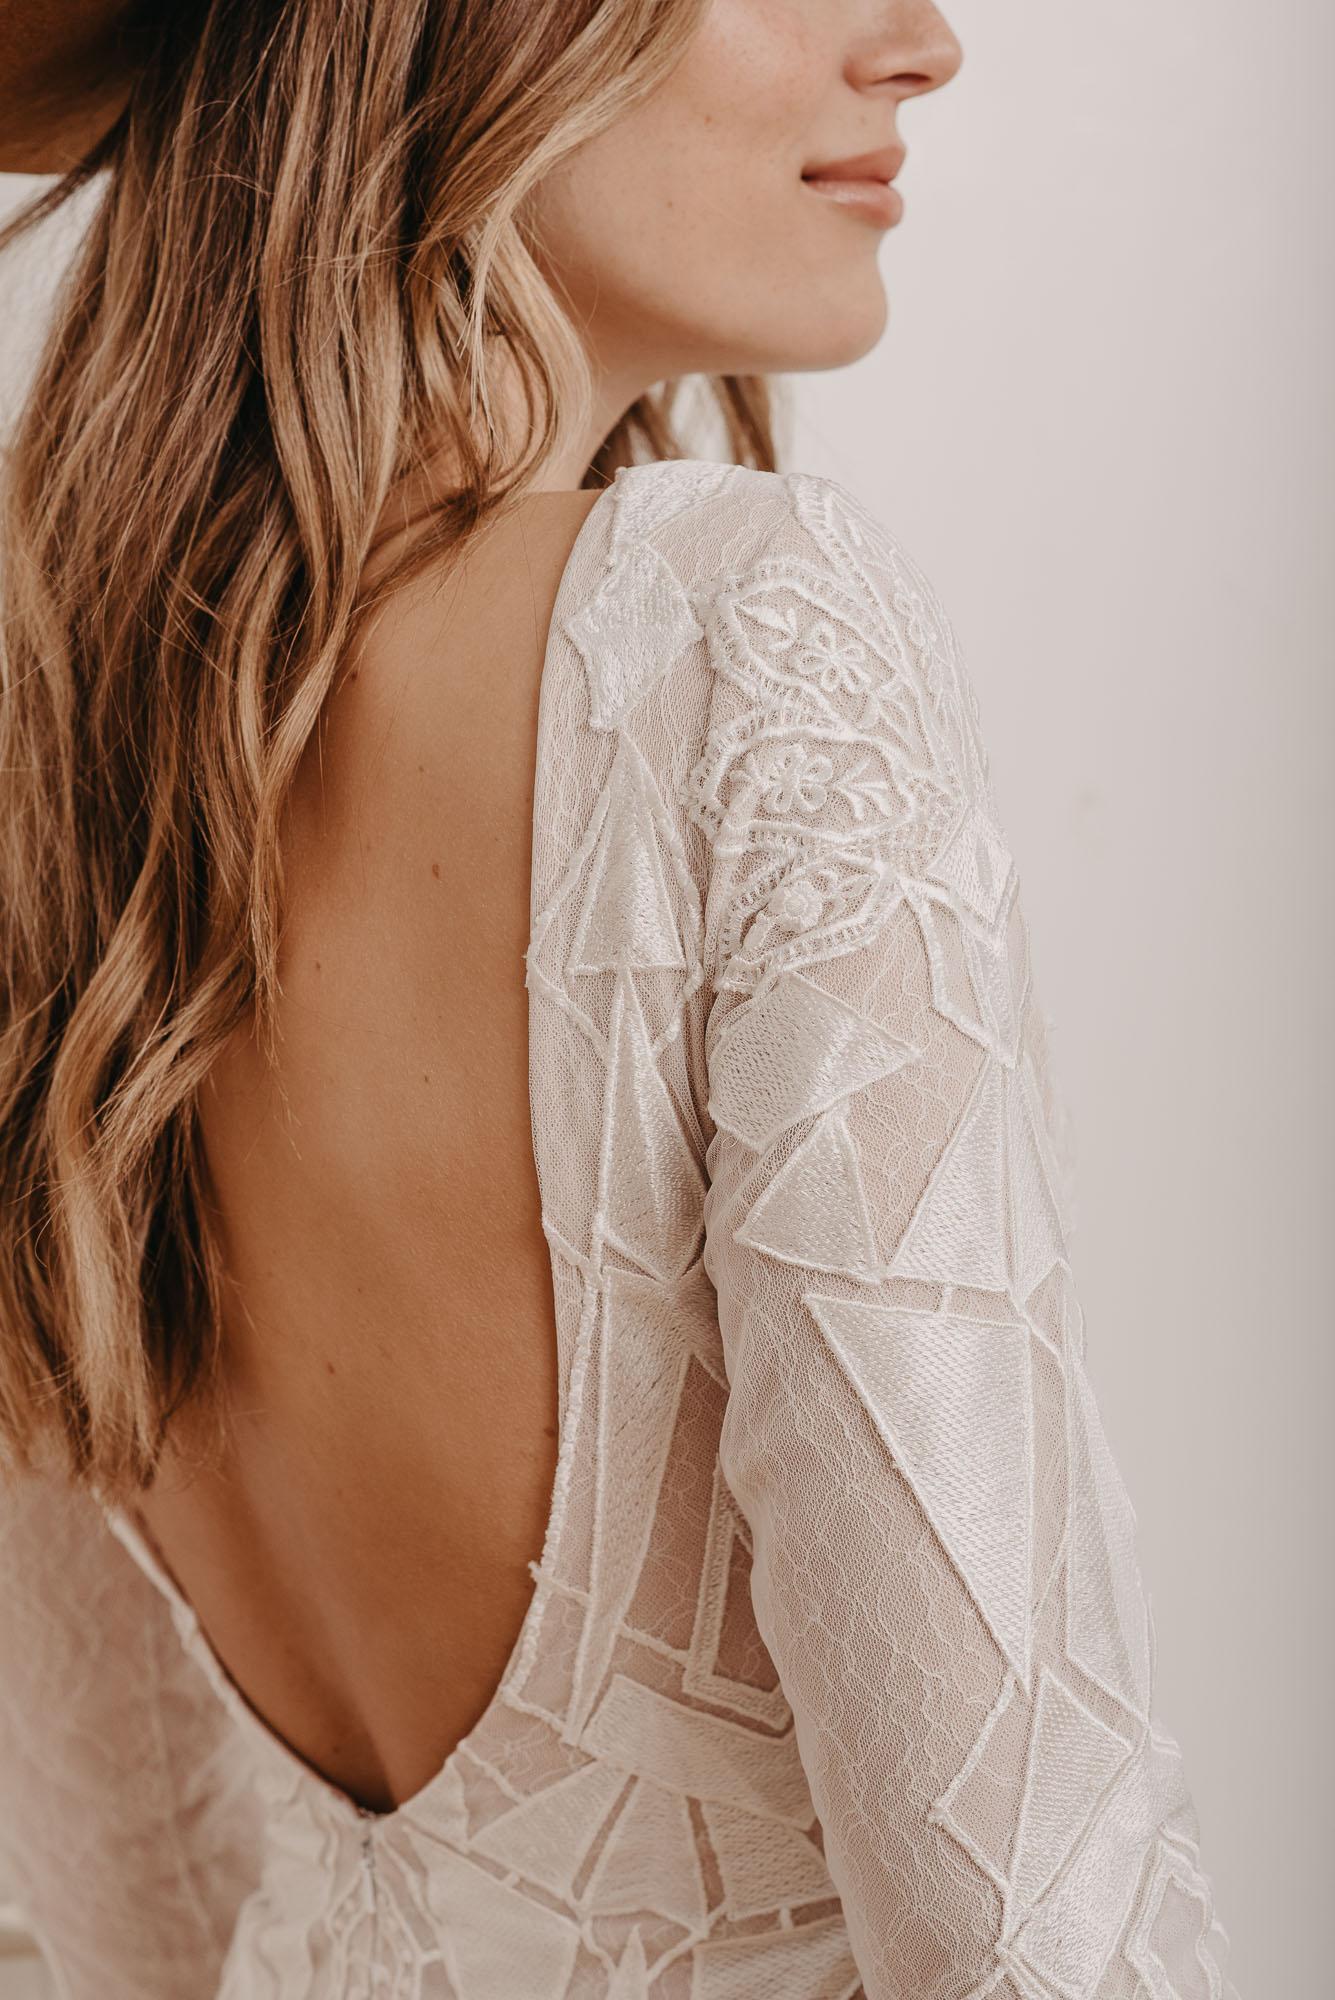 Aloe Brautkleid Rückenausschnitt - Brautmode von Oonce